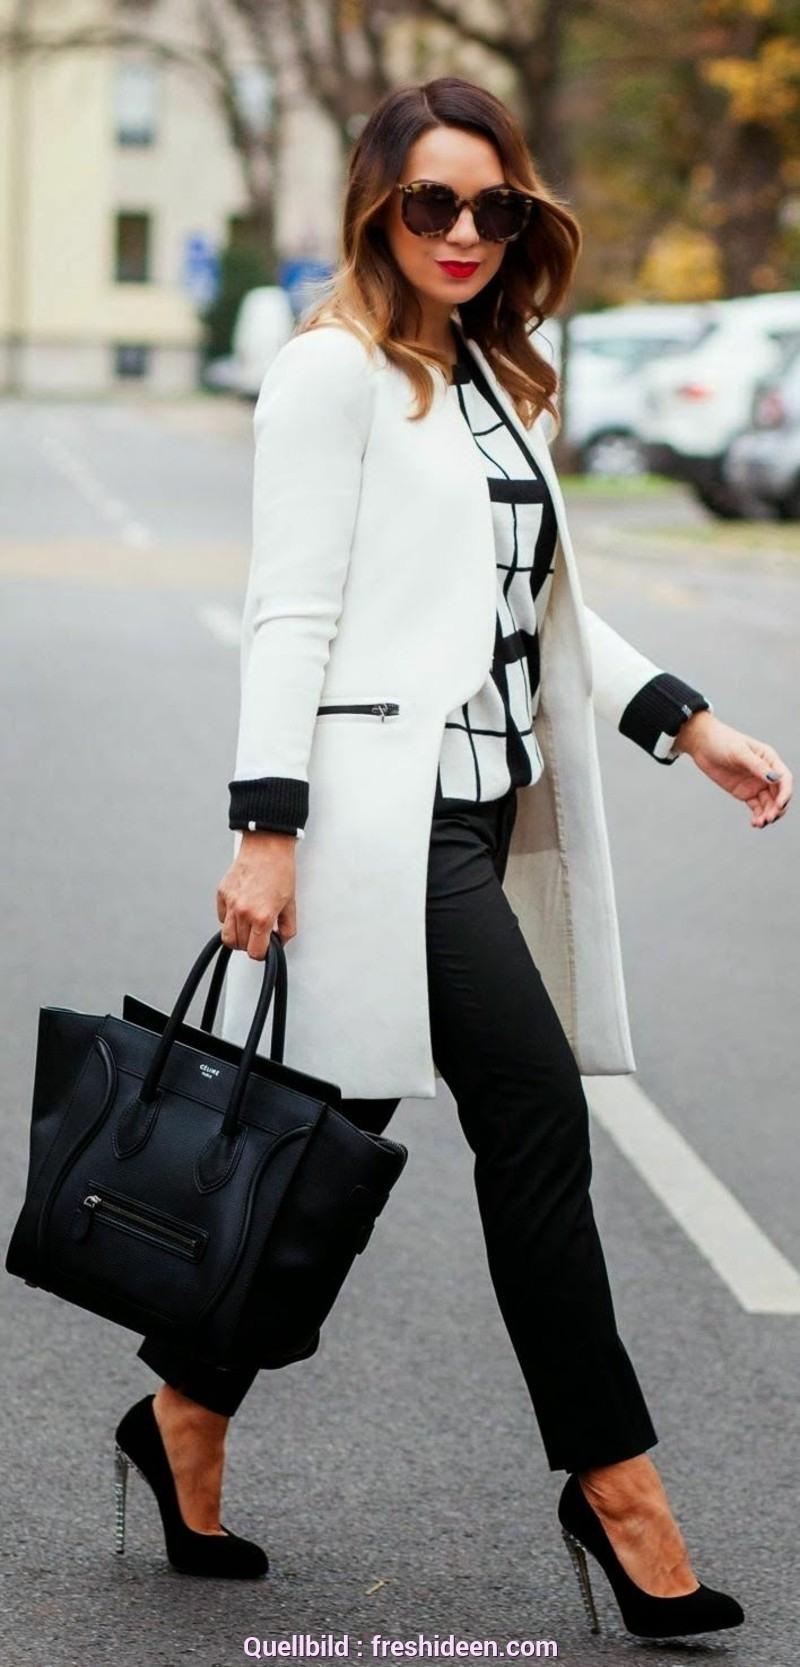 Spektakulär Elegante Kleidung Damen Vertrieb17 Elegant Elegante Kleidung Damen Design